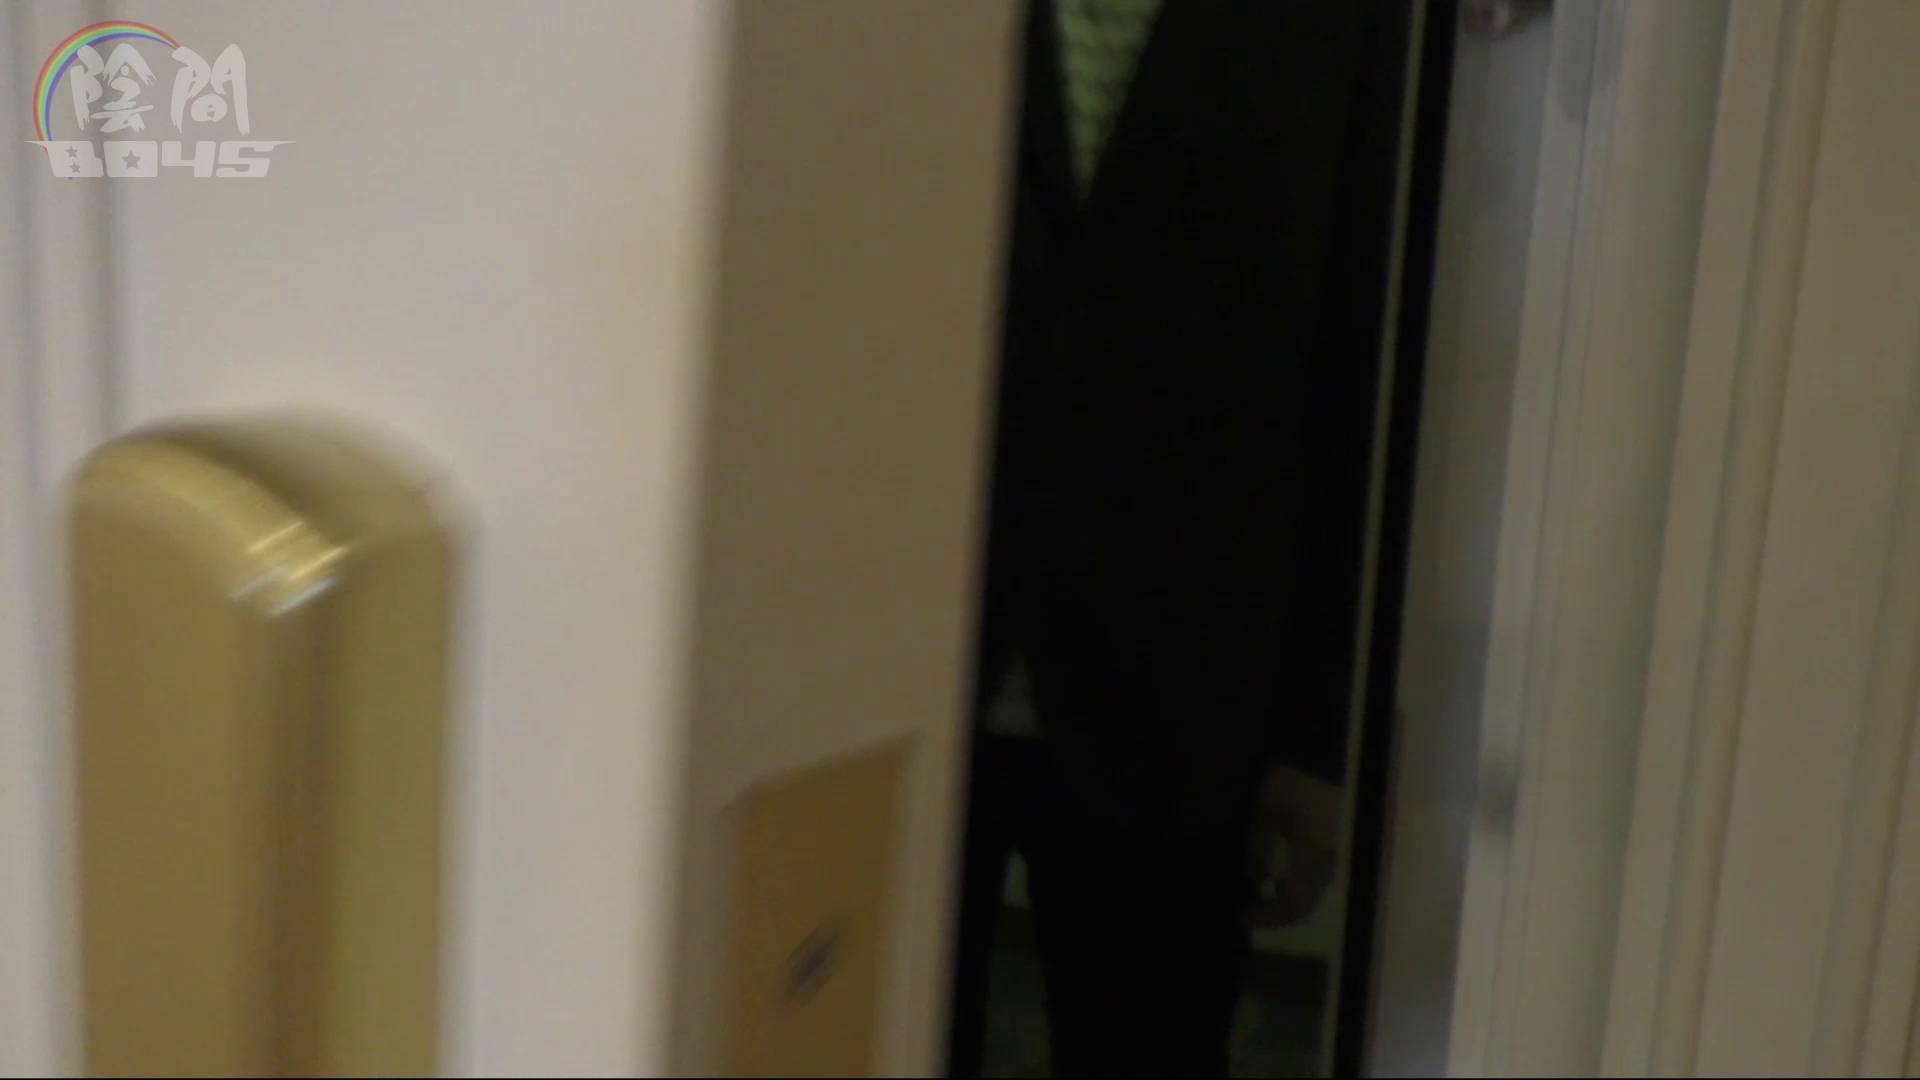 おいはカリデカ!File.02 お風呂 ゲイエロビデオ画像 113pic 109